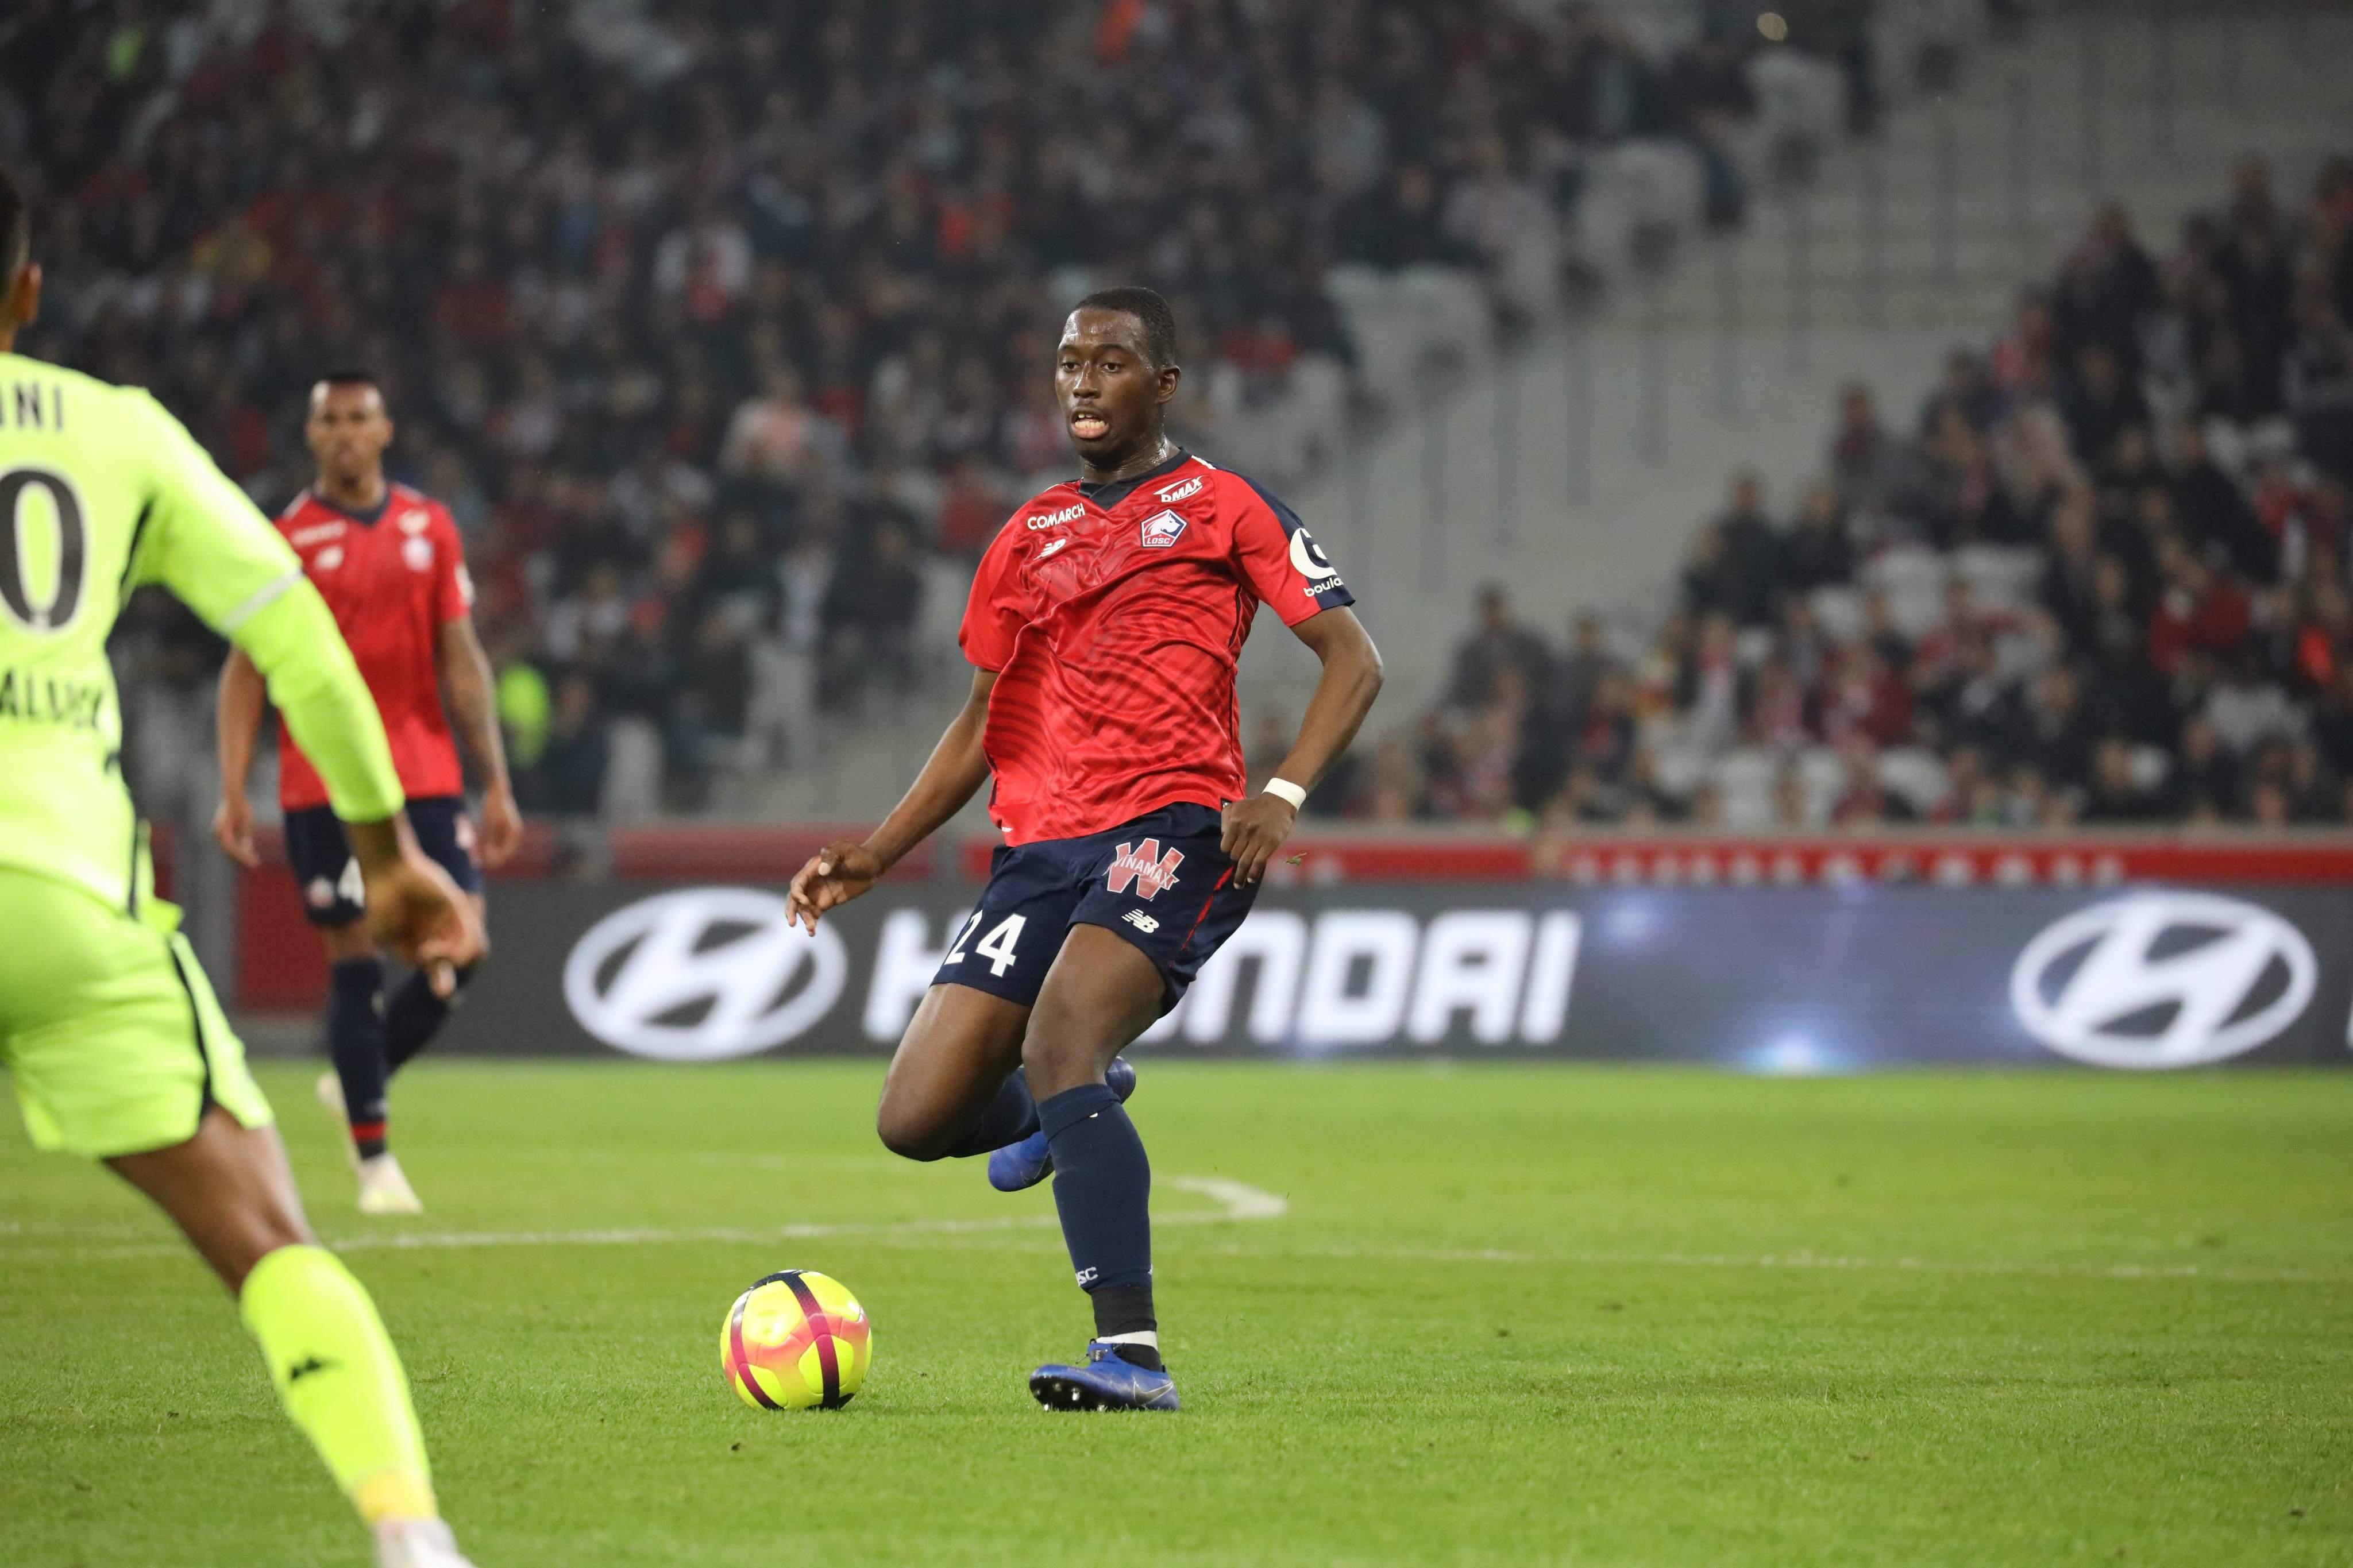 Mercato - Boubakary Soumaré repousse une grosse offre des Wolves